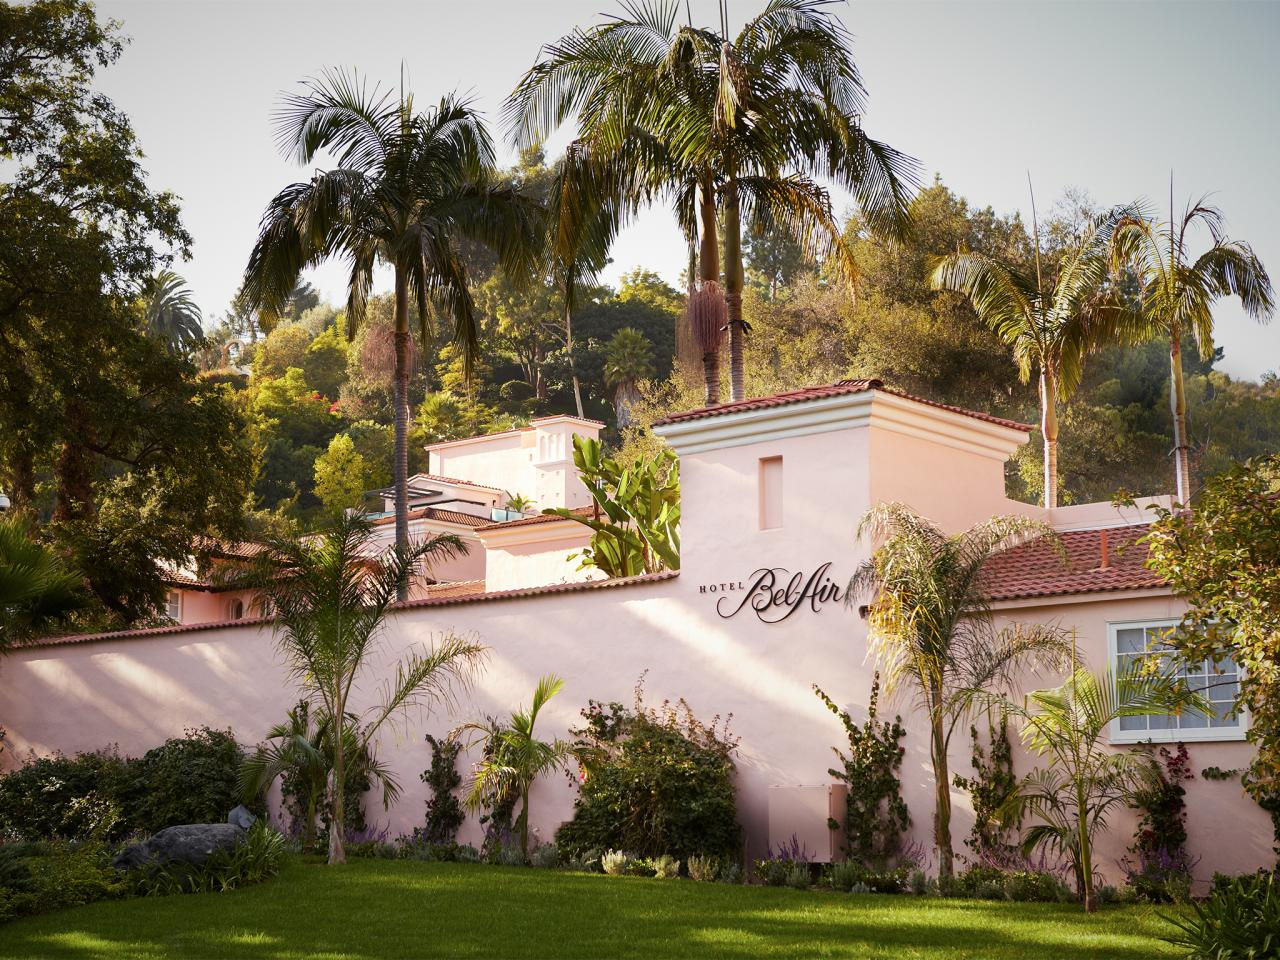 10 Best Hotels In Los Angeles Los Angeles